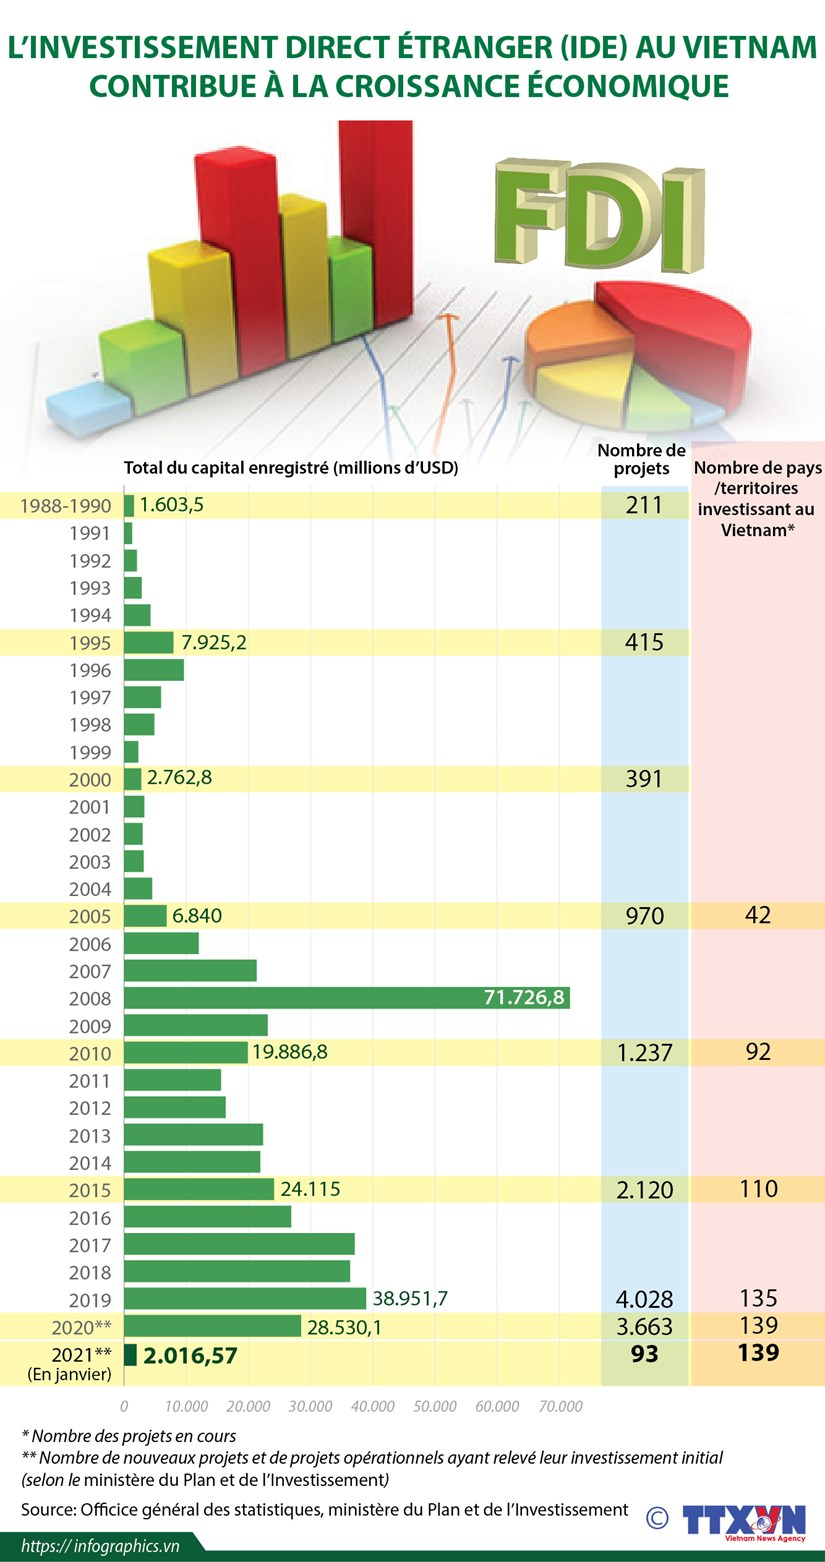 L'investissement direct etranger au Vietnam contribue a la croissance economique hinh anh 1